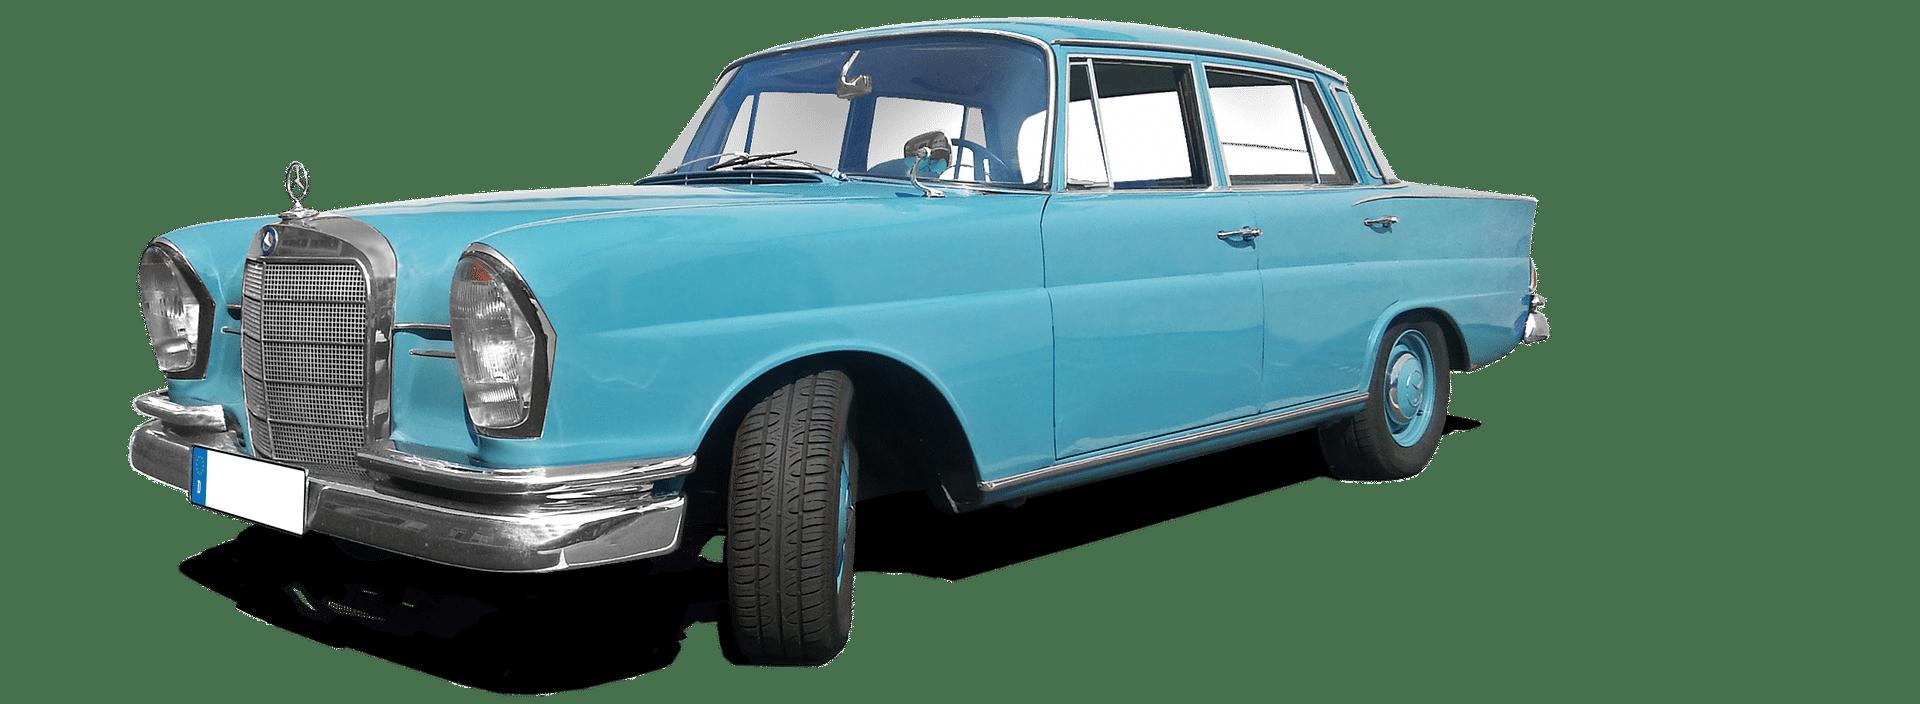 Assurance auto de collection